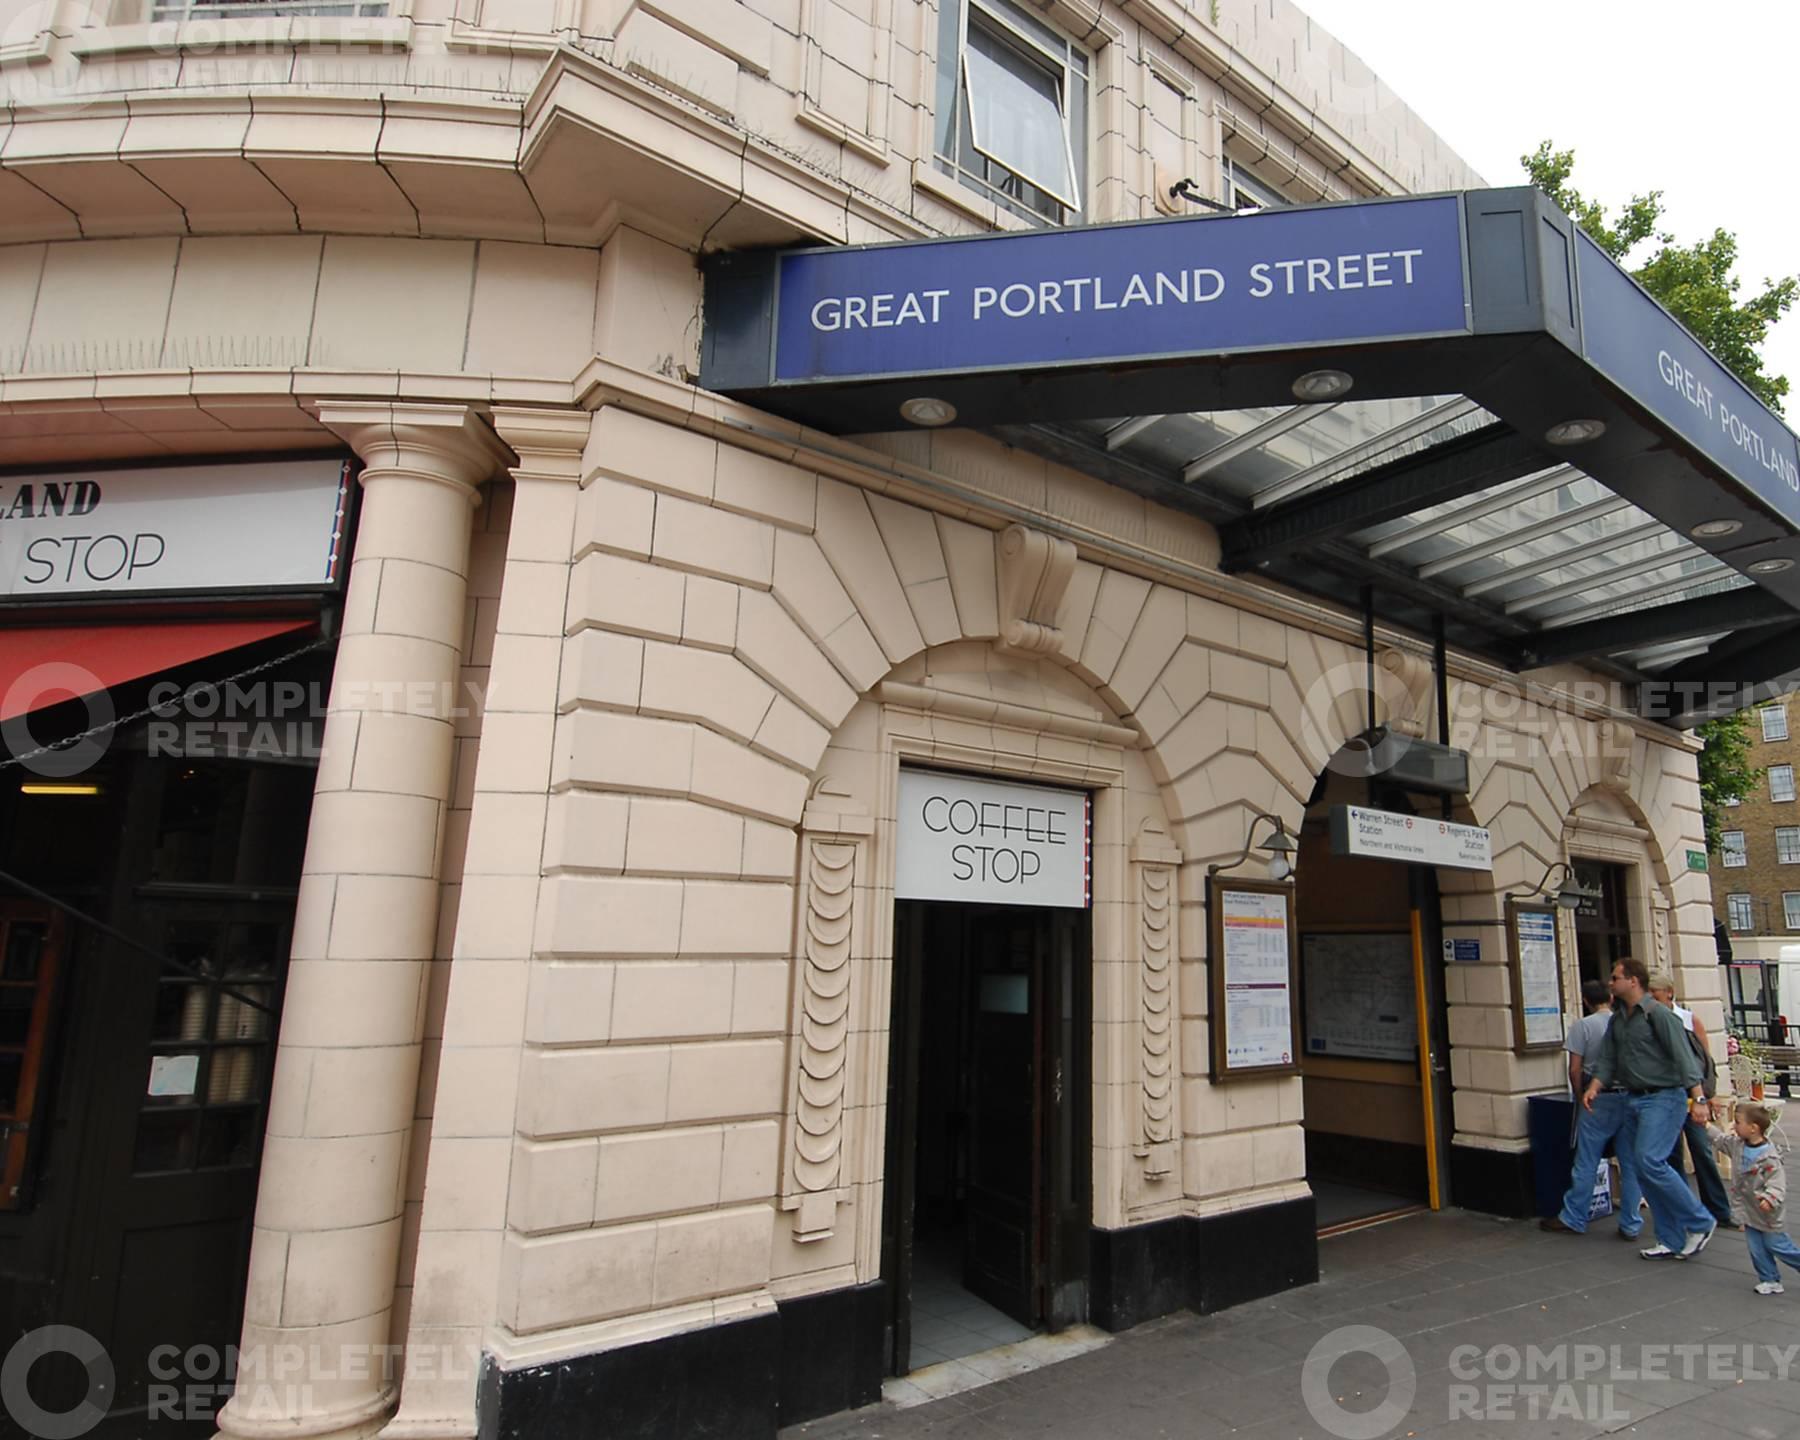 Great Portland Street Underground Station